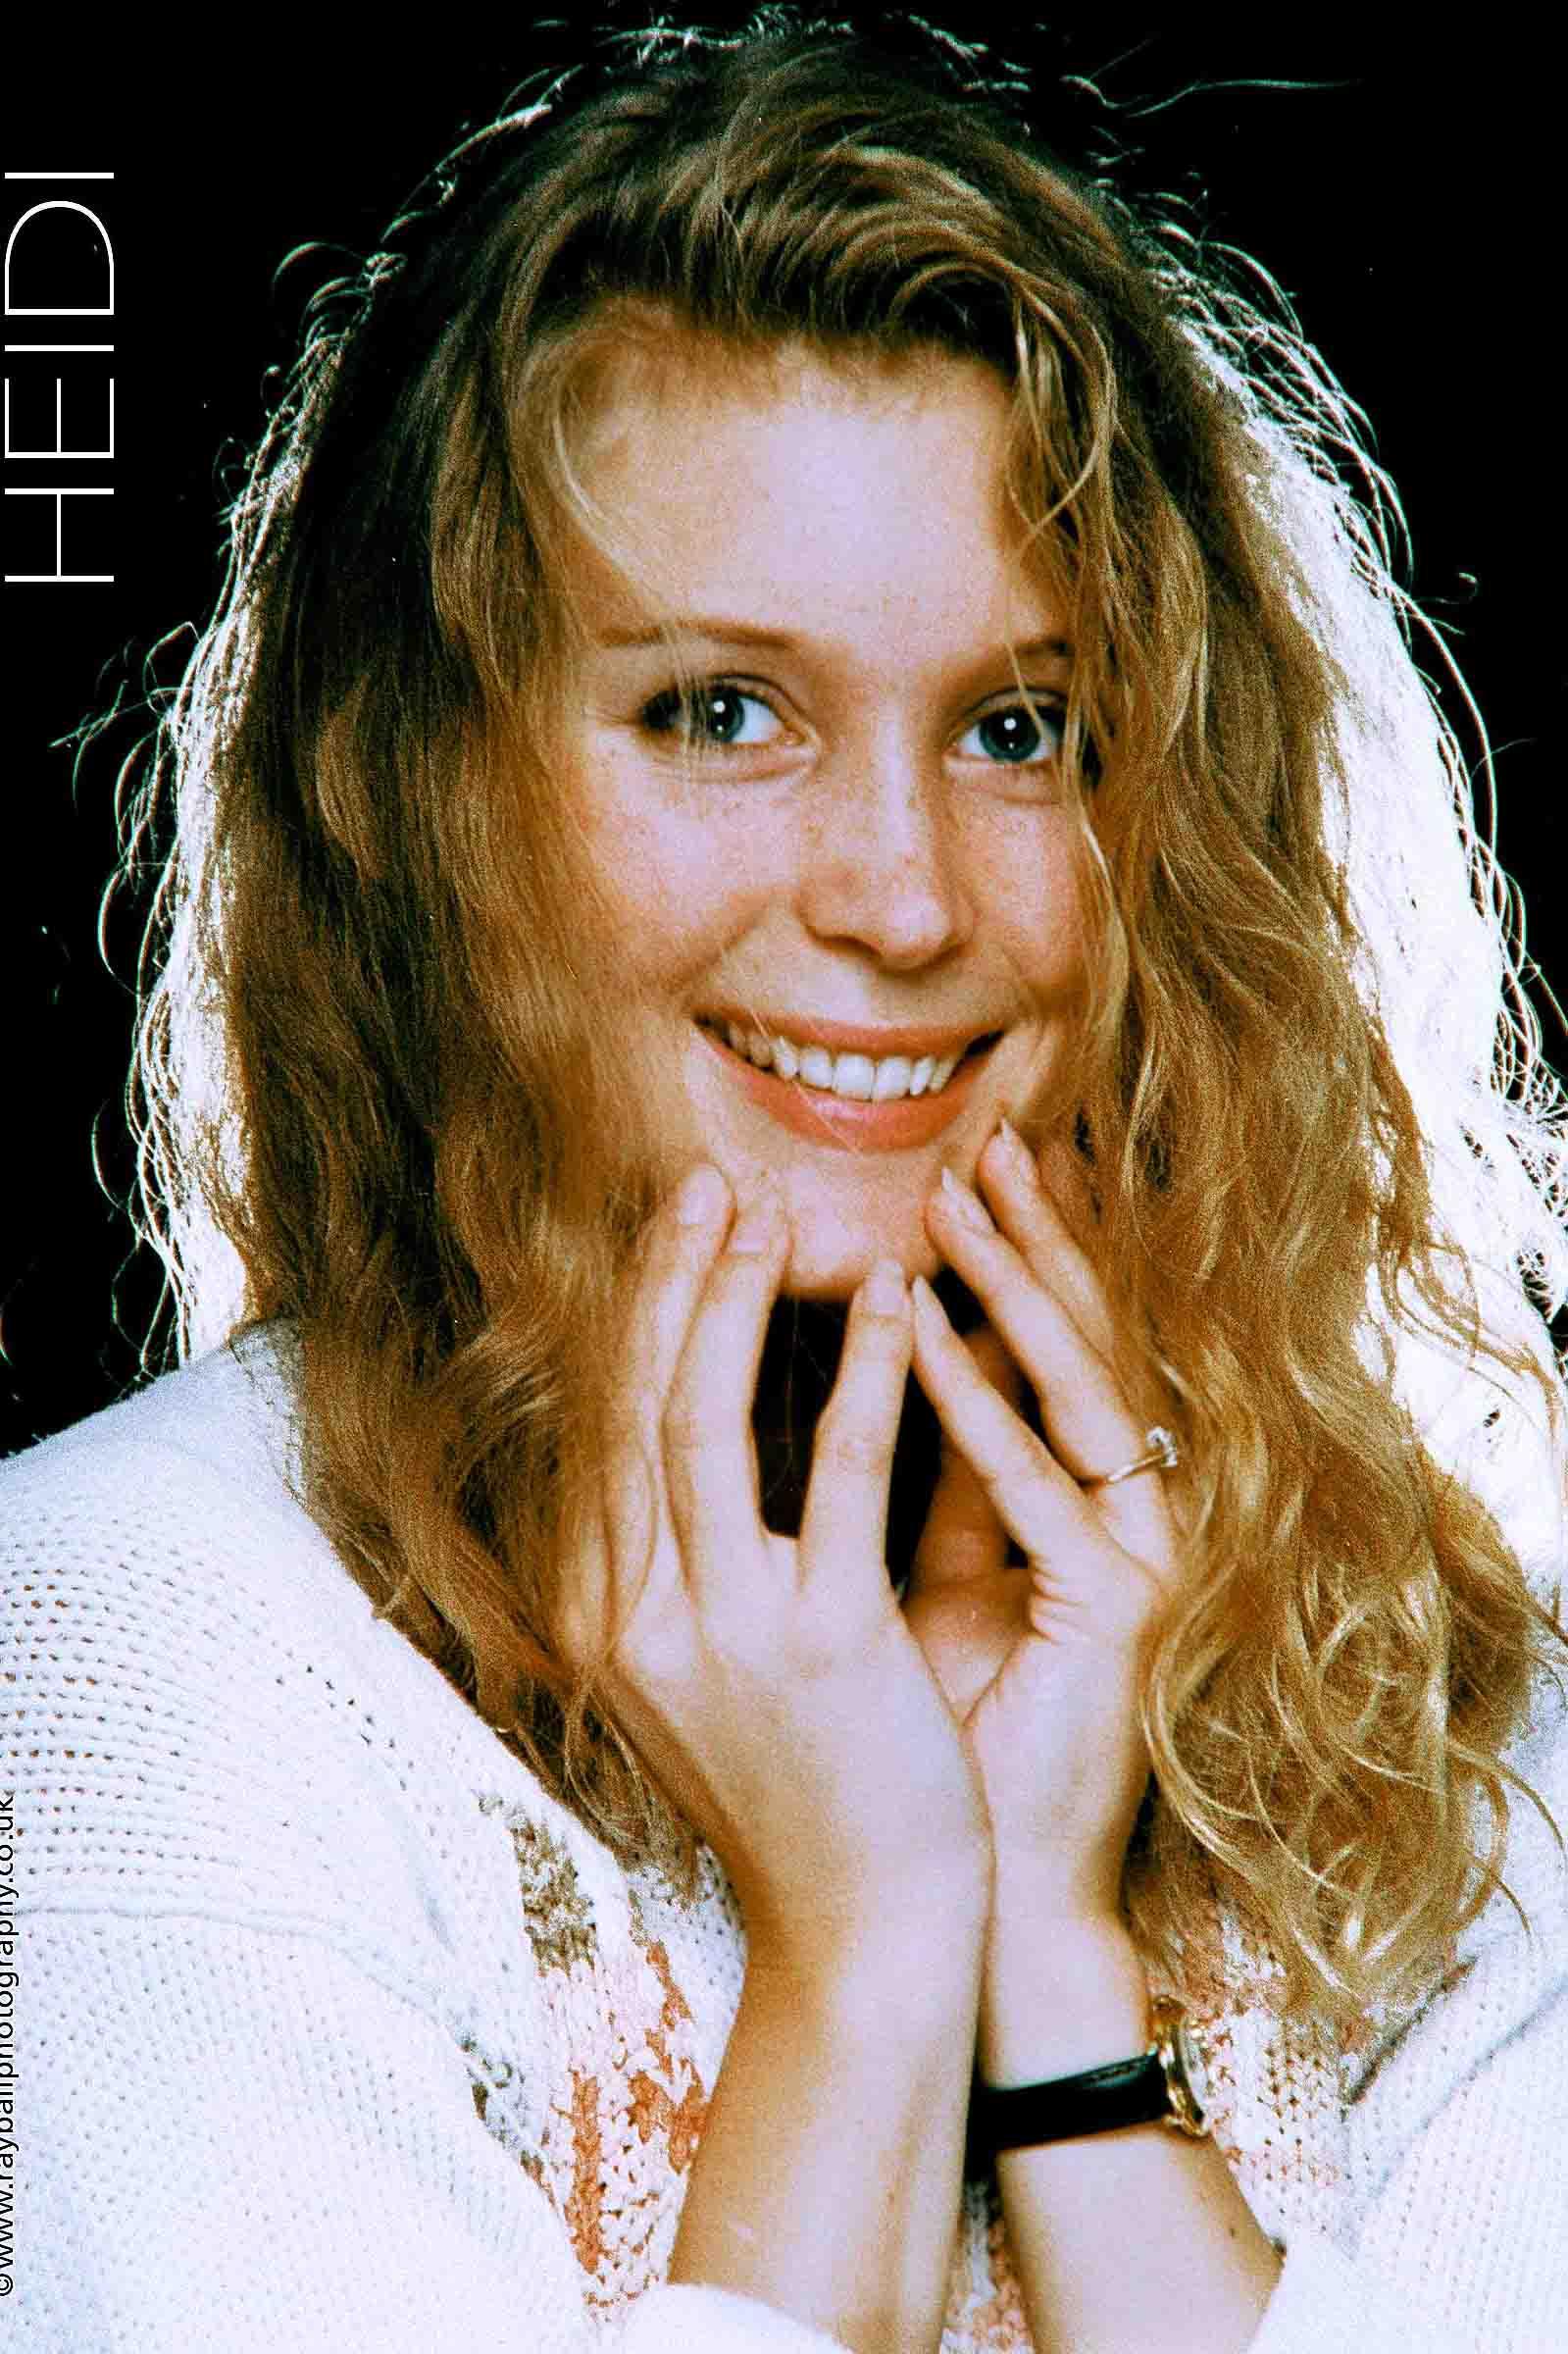 Leatherhead model Heidi.